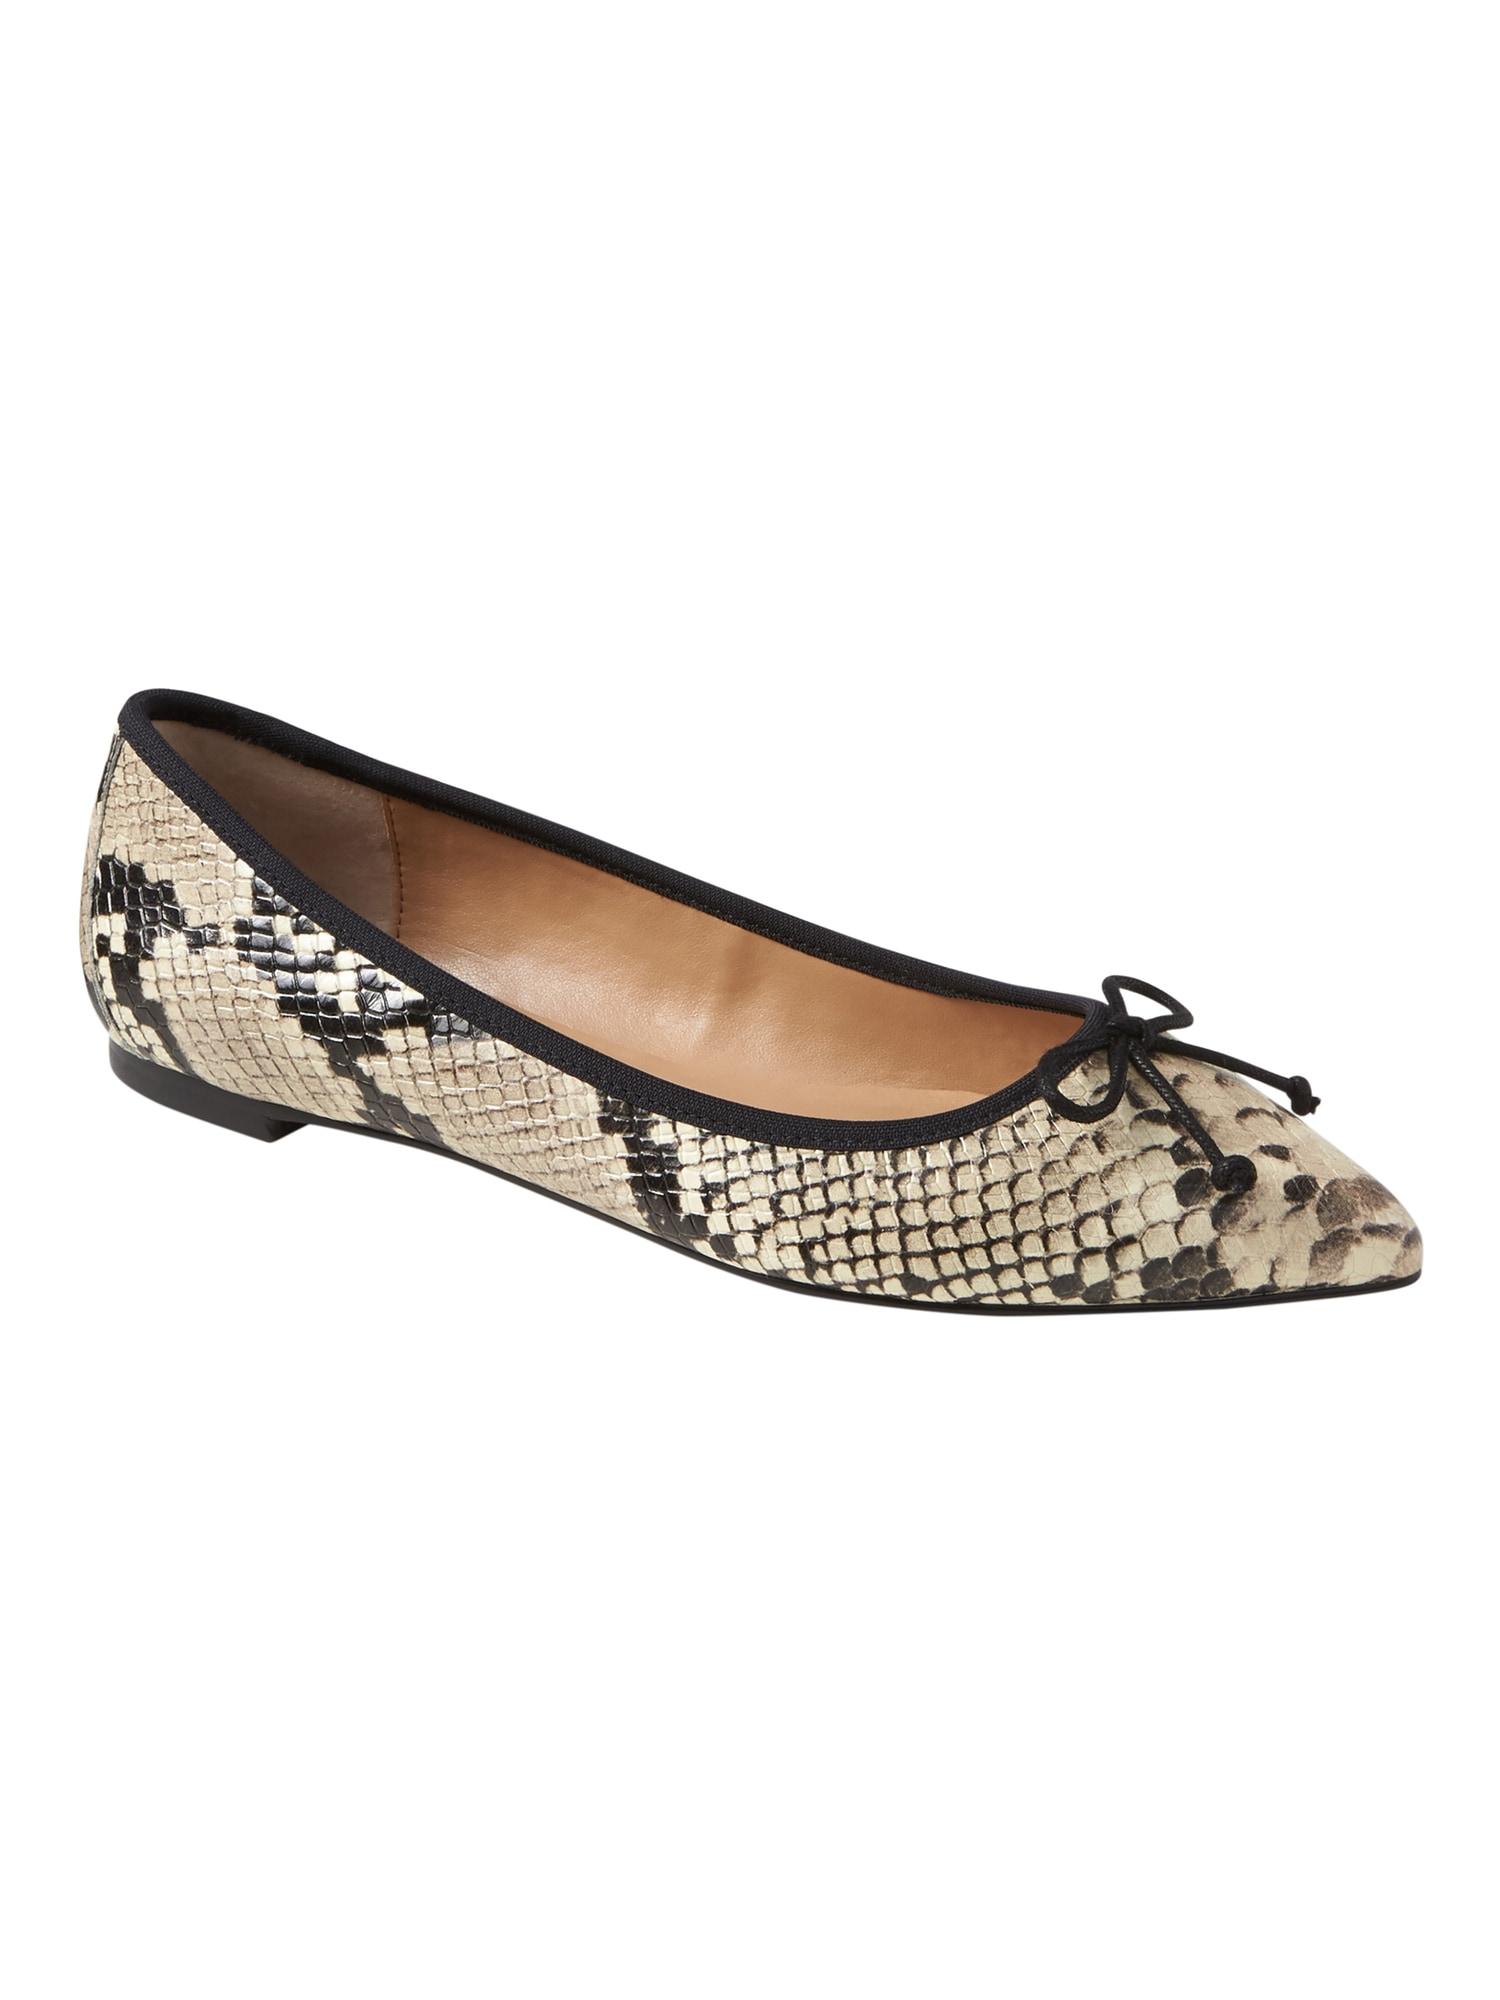 Banana Republic Womens Pointed-Toe Robin Ballet Flat Navy & Size 11 TEYaHT